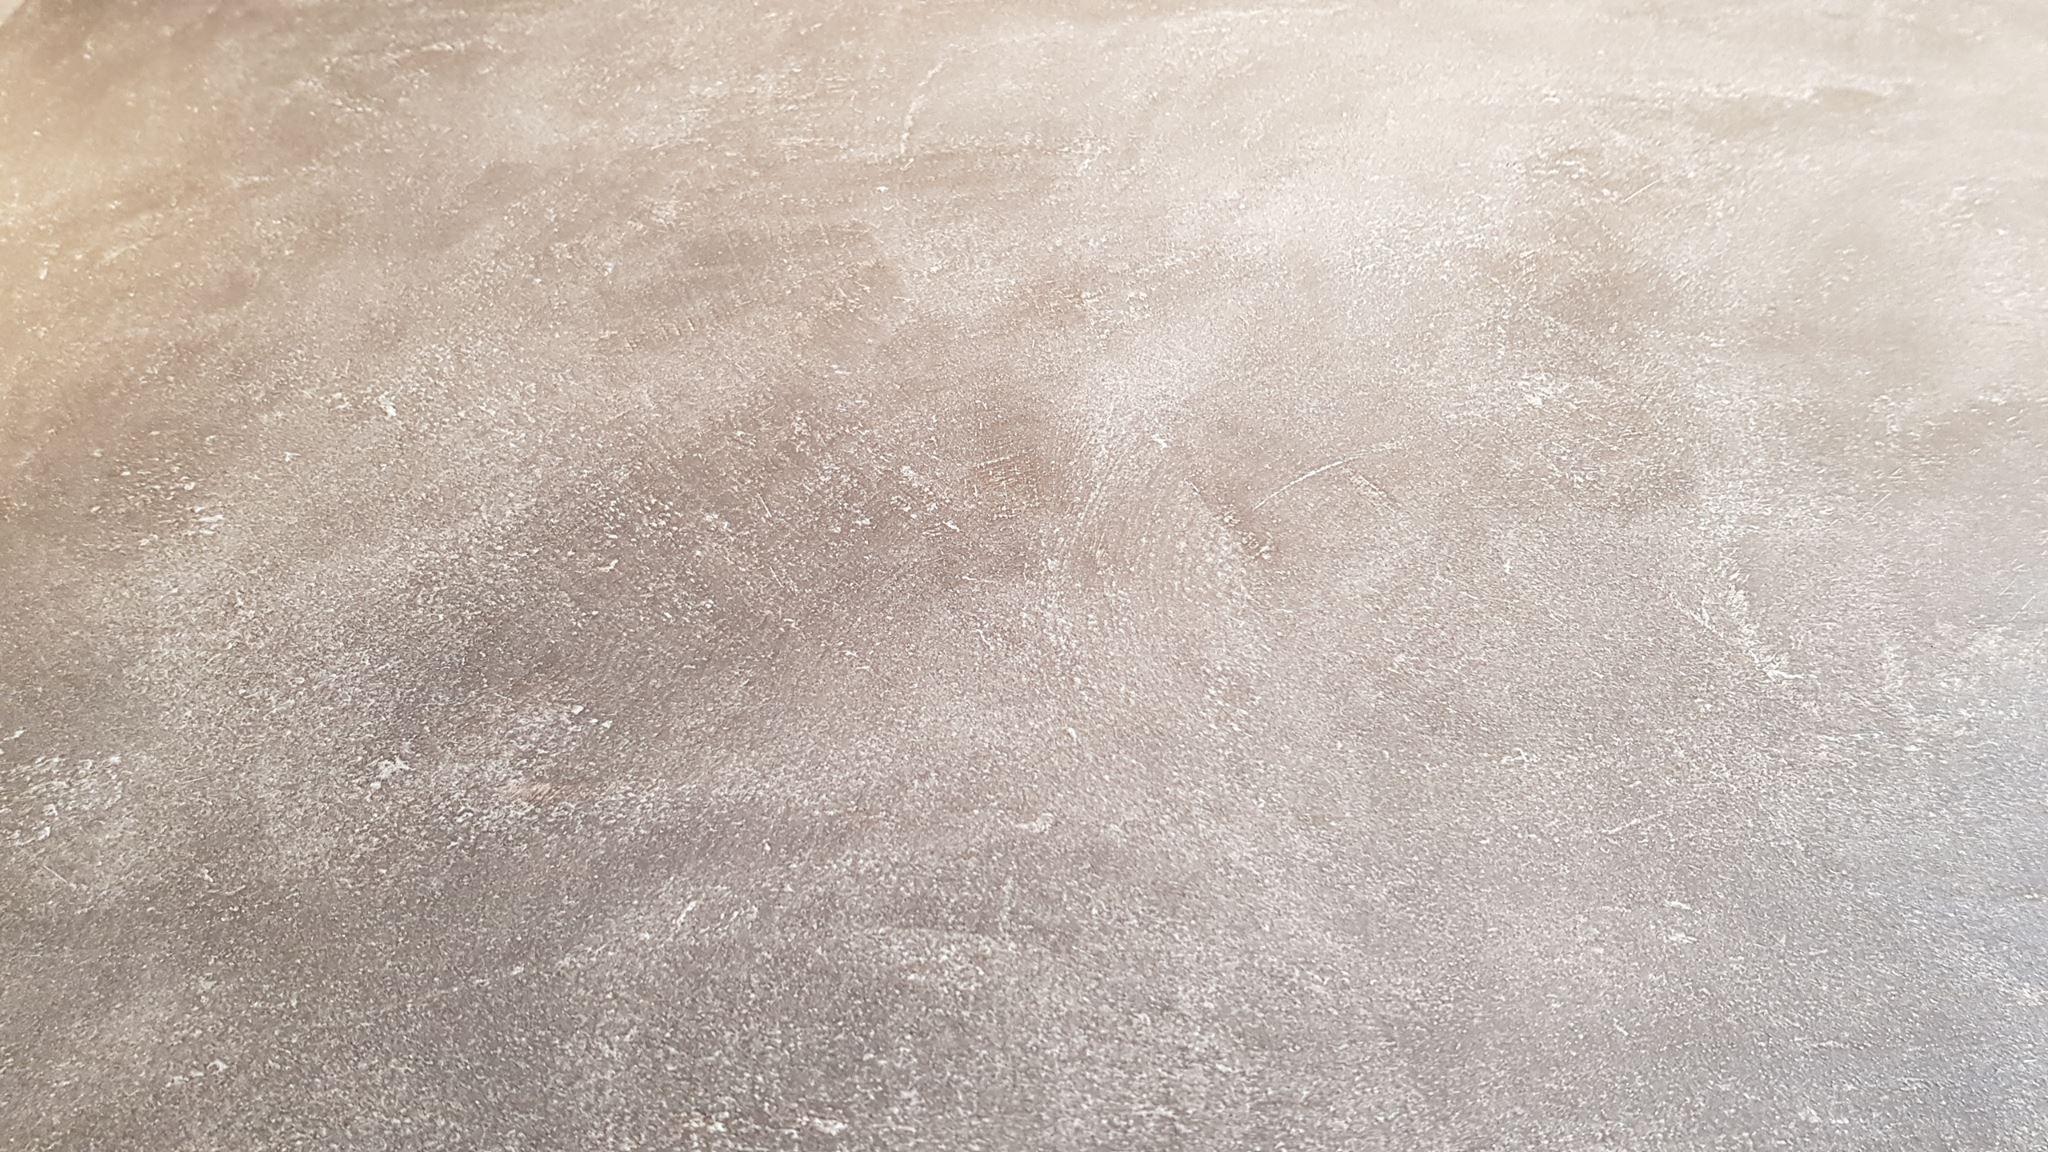 Betonlook Verf Muur : In 2 stappen een betonlook muur! industrial interior beton